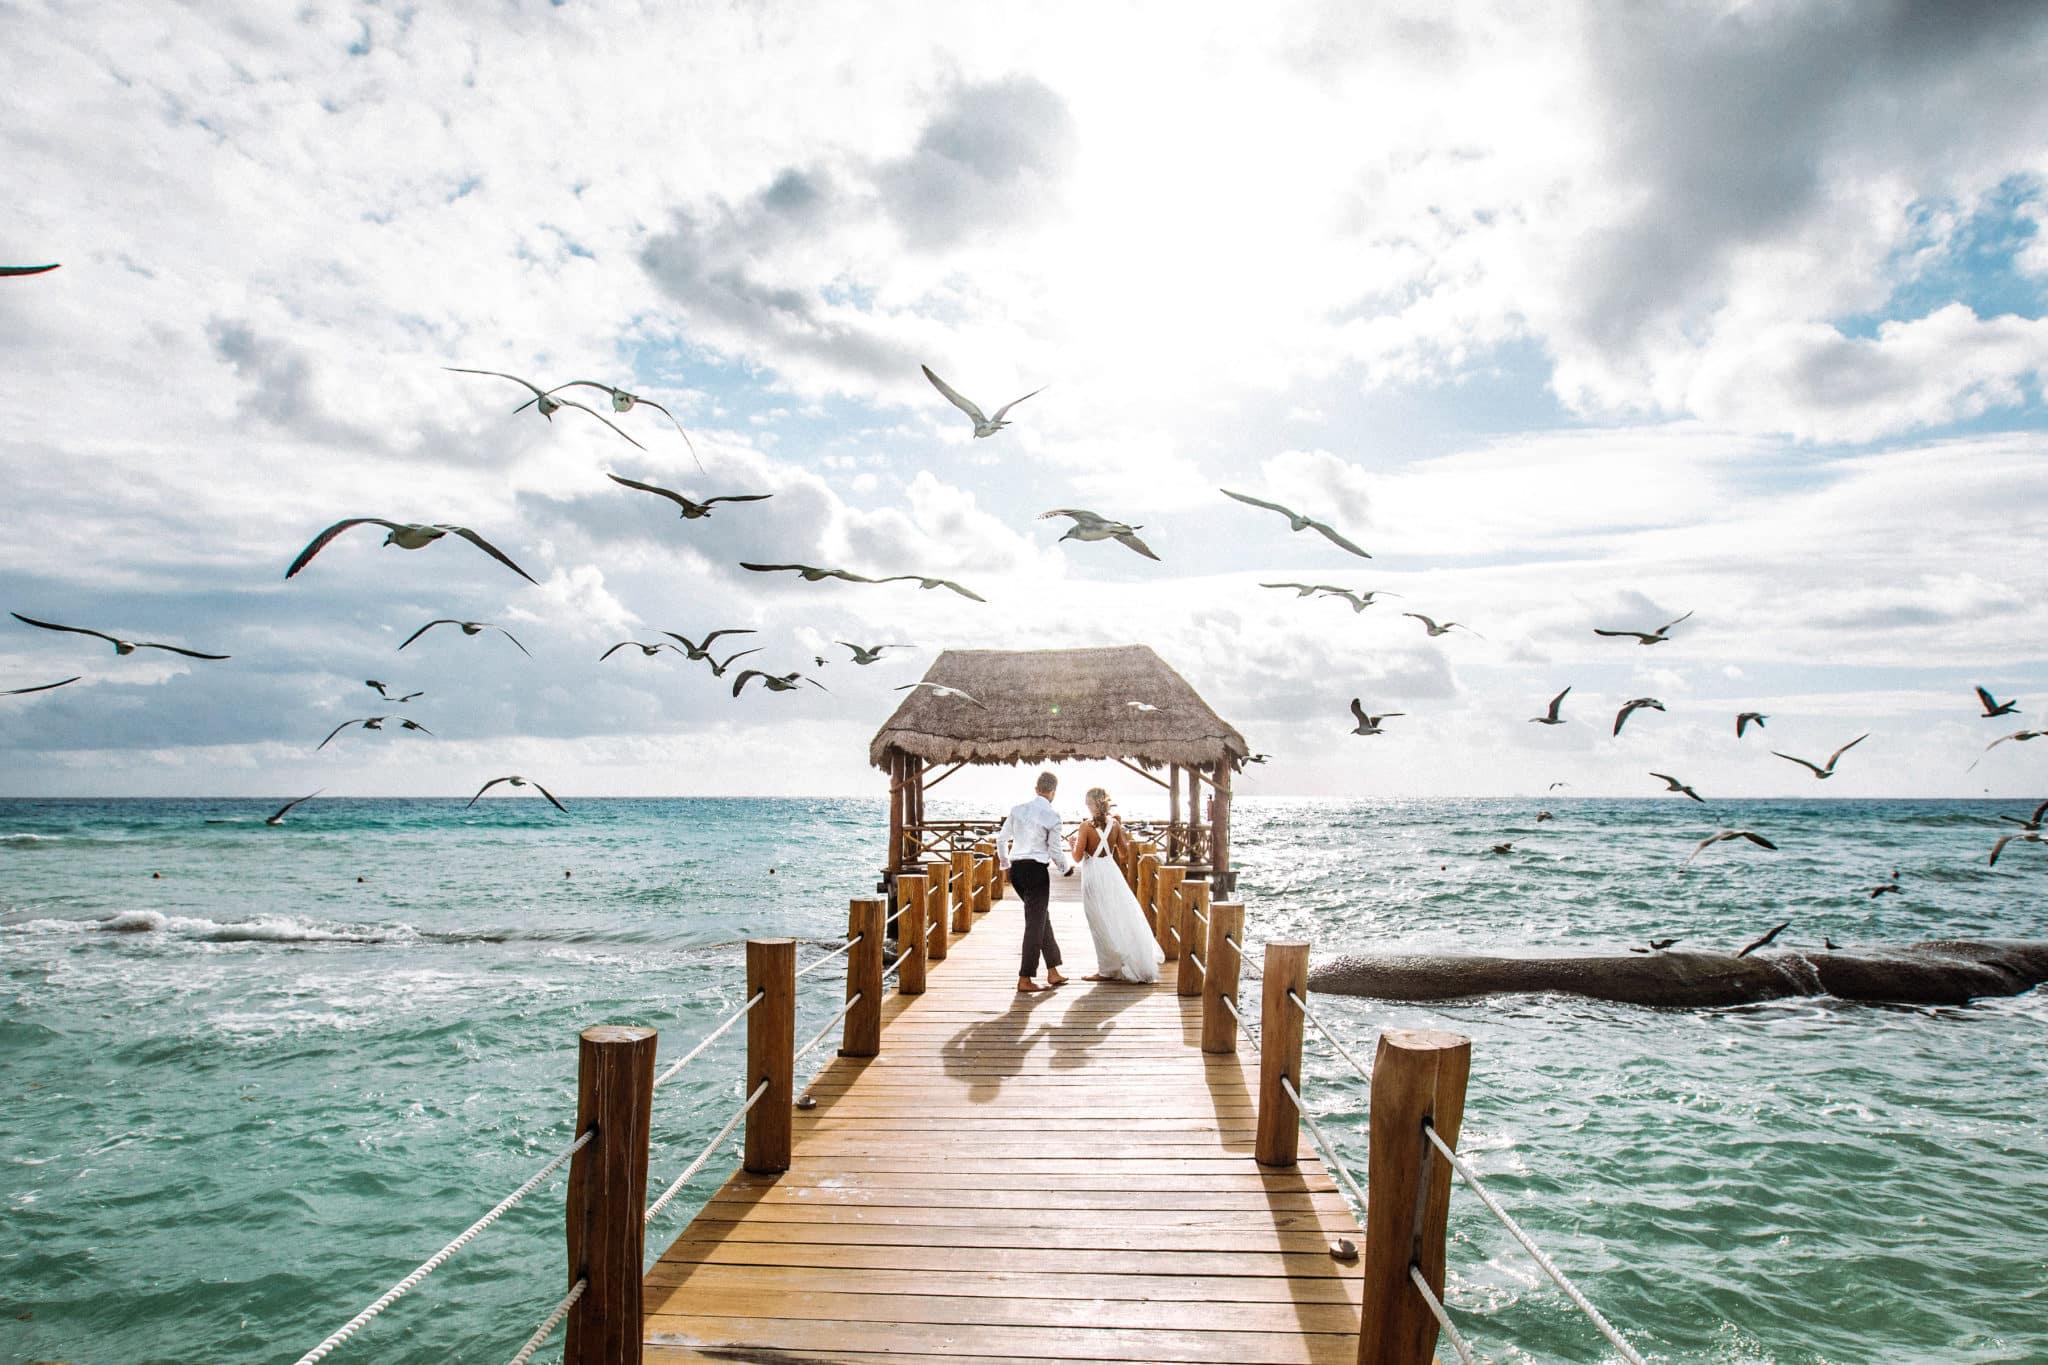 フィリピンでの結婚式 | 国際結婚のカップル